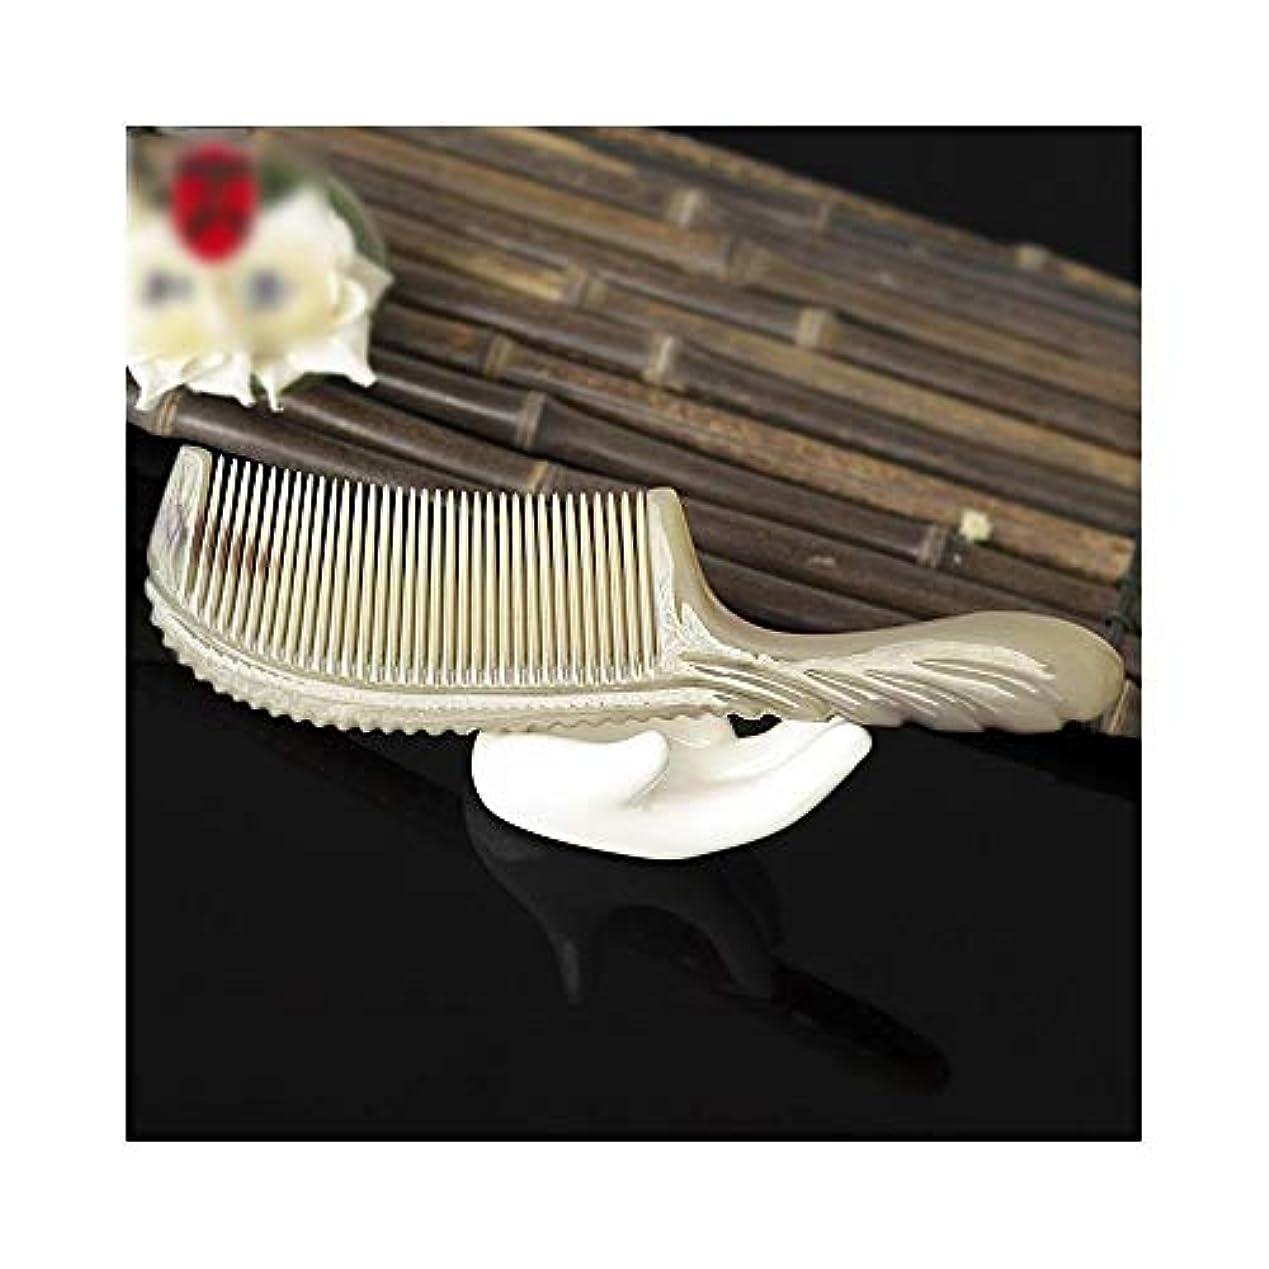 のホスト著作権不合格ヘアコーム理髪くし 女性のための帯電防止ヘアコームハンドル100%ナチュラルバッファローホーンくしファイン歯のくし ヘアスタイリングコーム (Color : 7047)